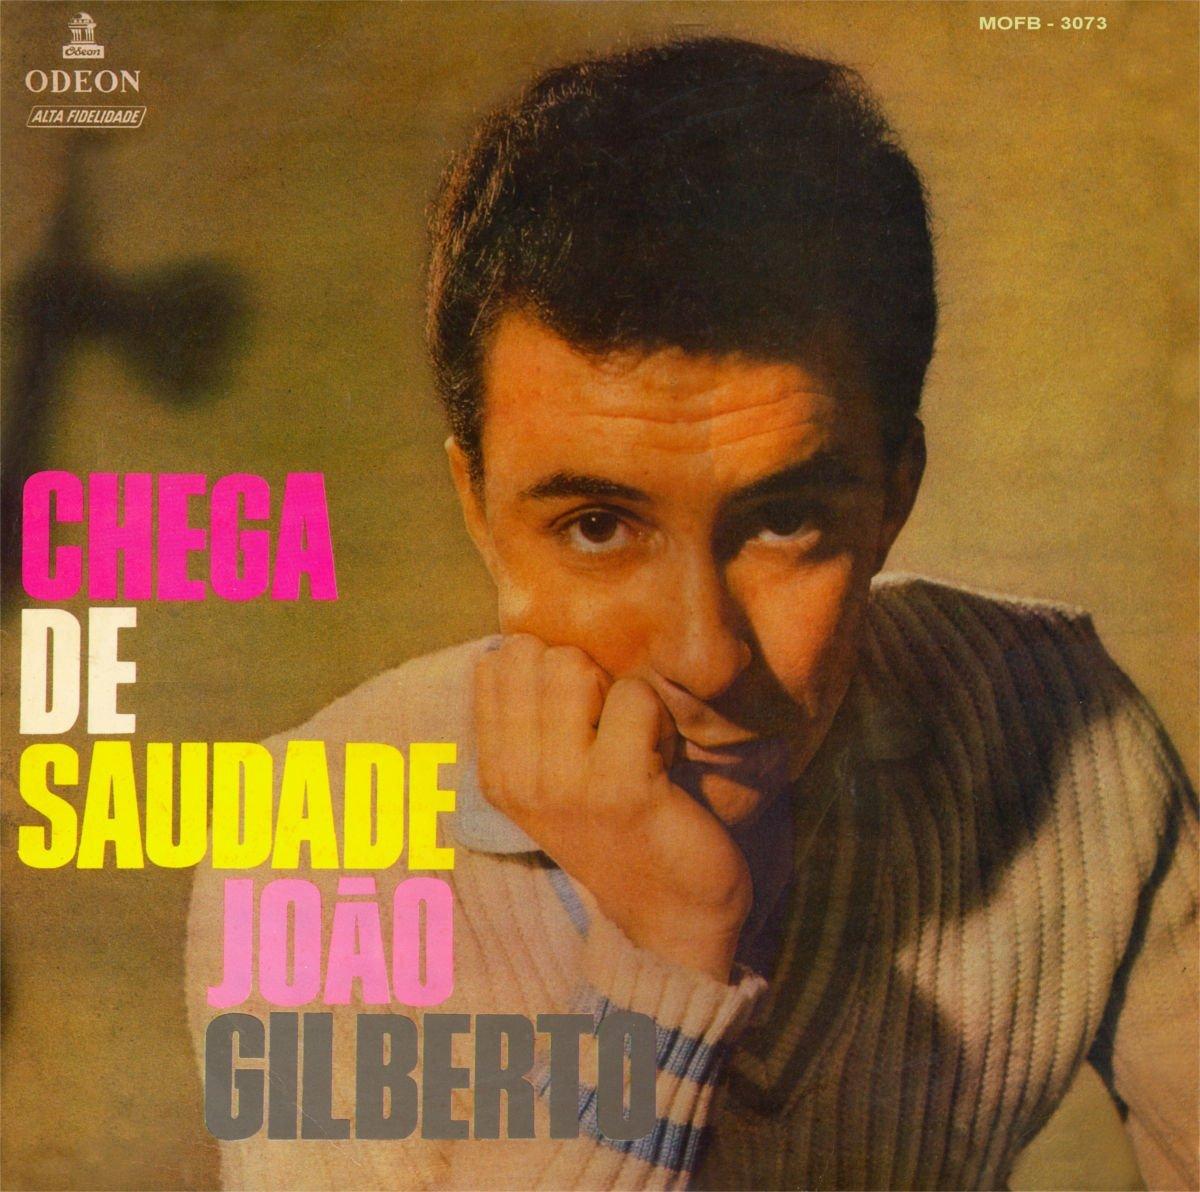 Joao Gilberto album cover